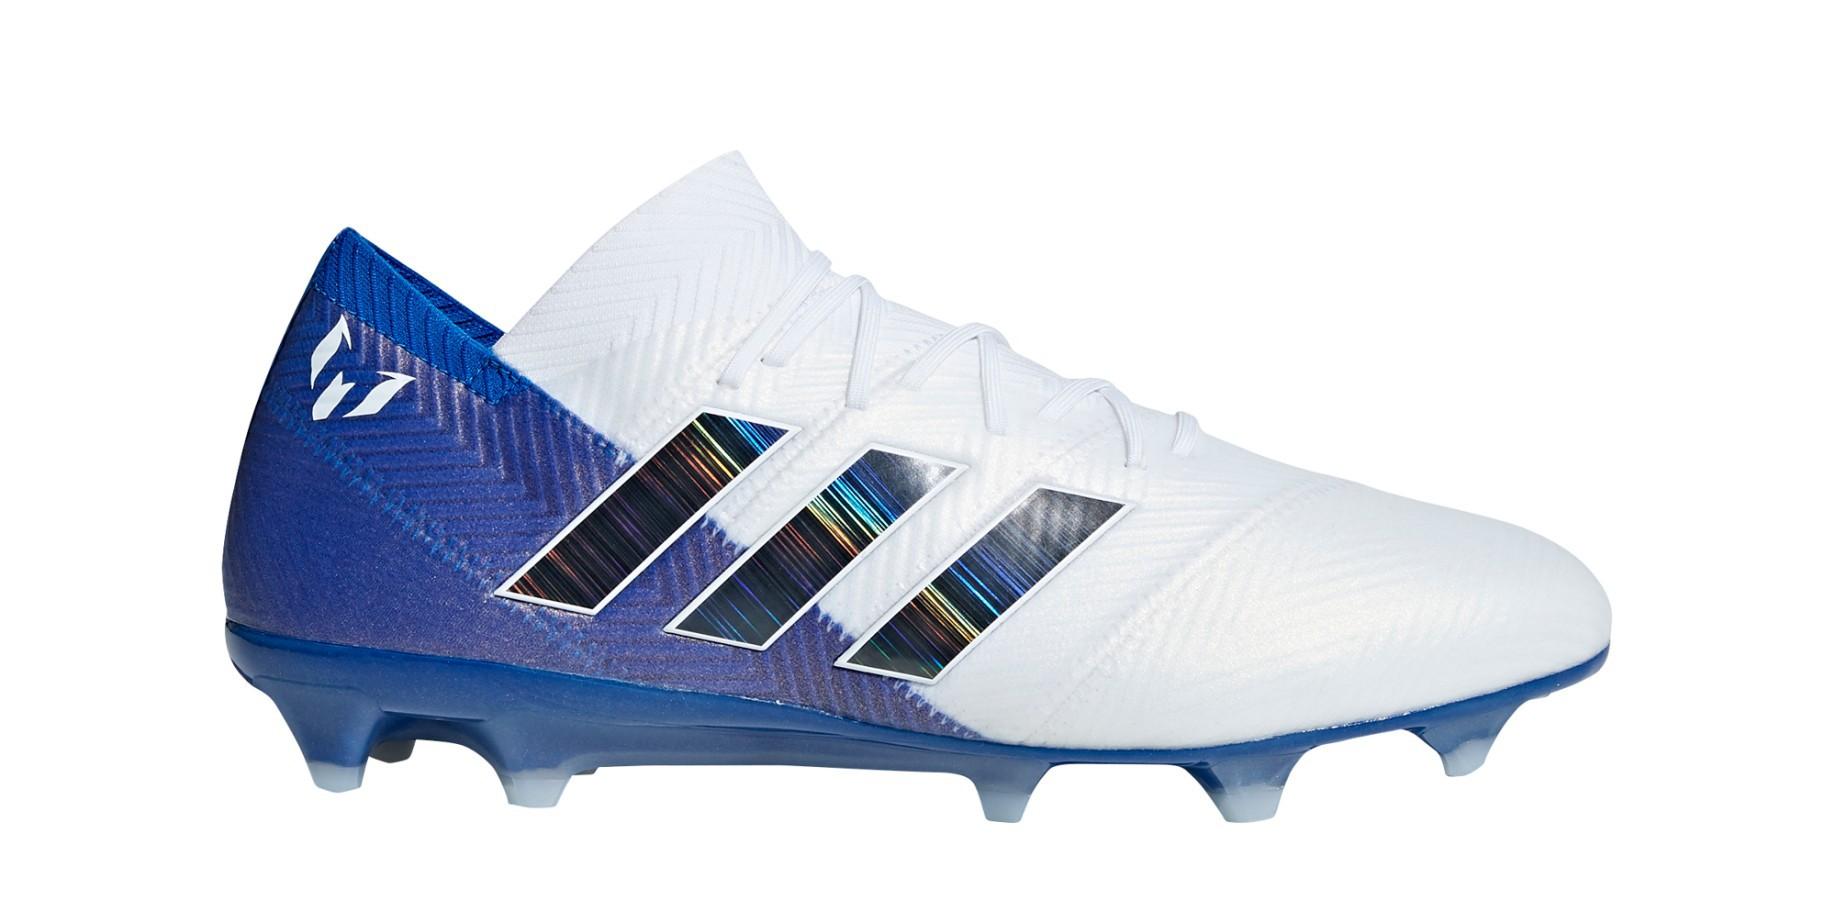 Chaussures de Football Adidas Nemeziz Mettre 18.1 FG Équipe en Mode Pack